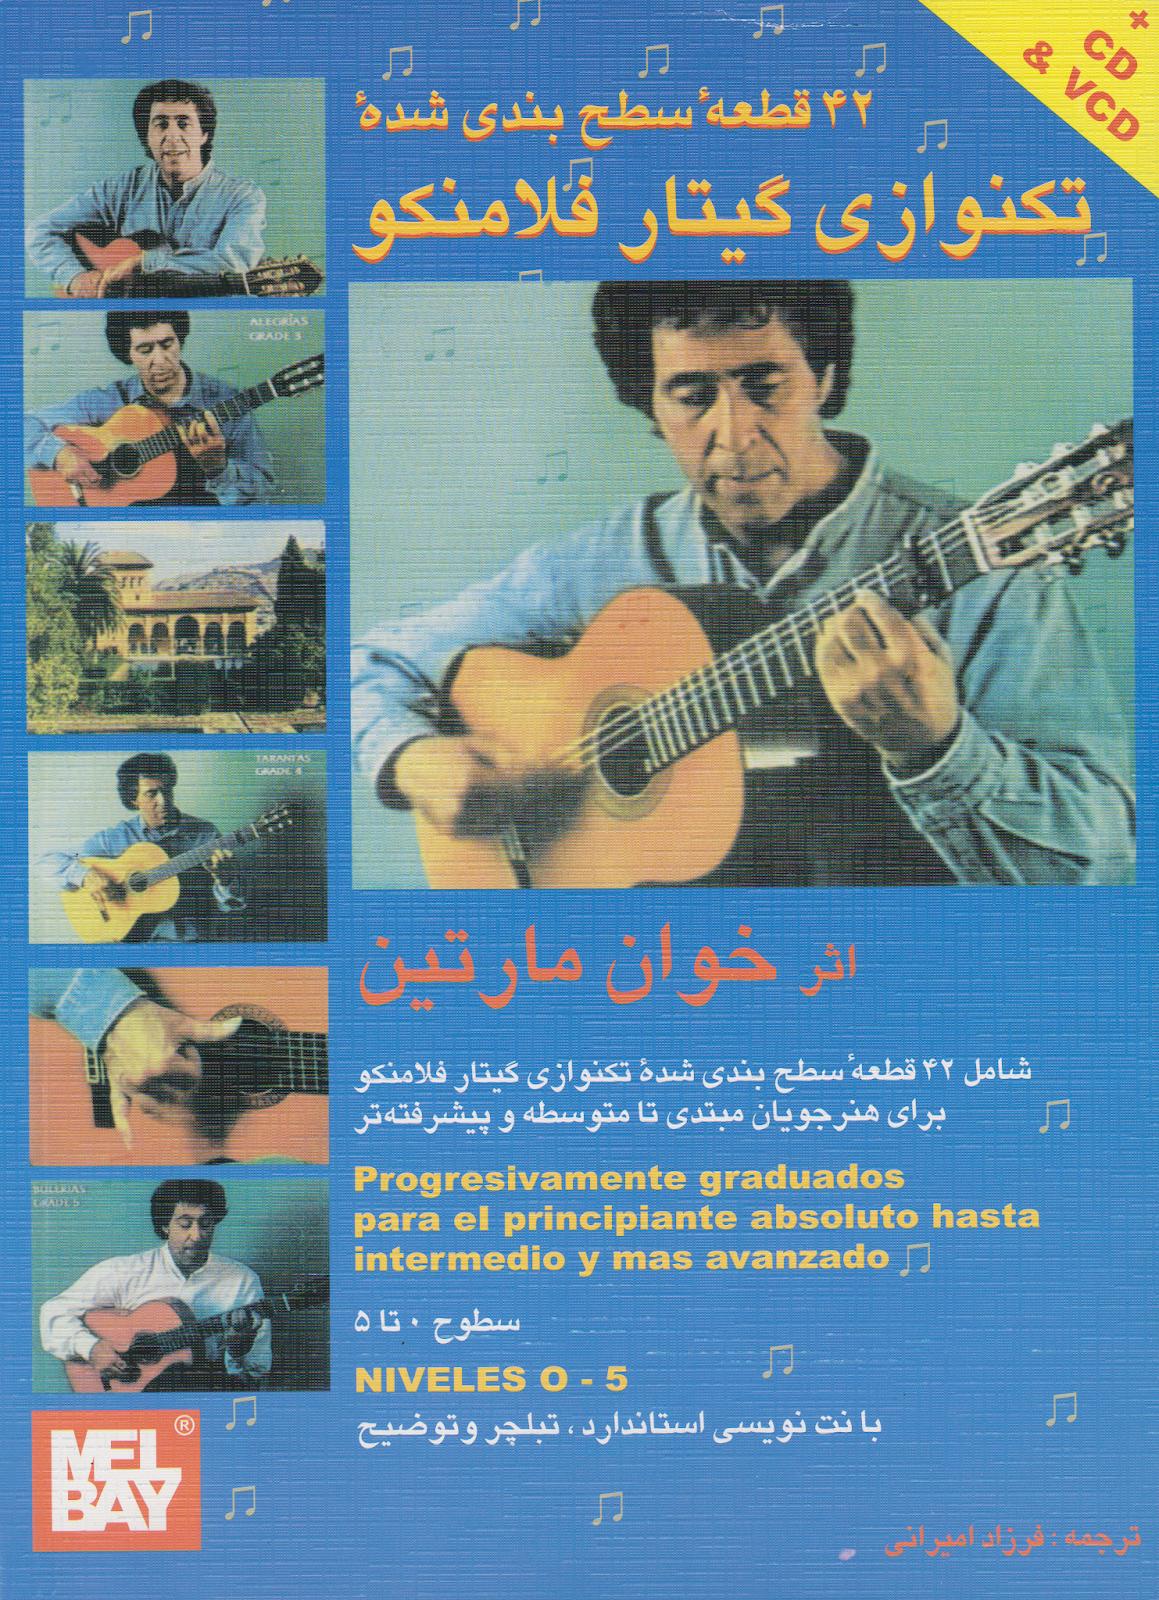 کتاب 42 قطعه تکنوازی گیتار فلامنکو خوان مارتین فرزاد امیرانی انتشارات نارون